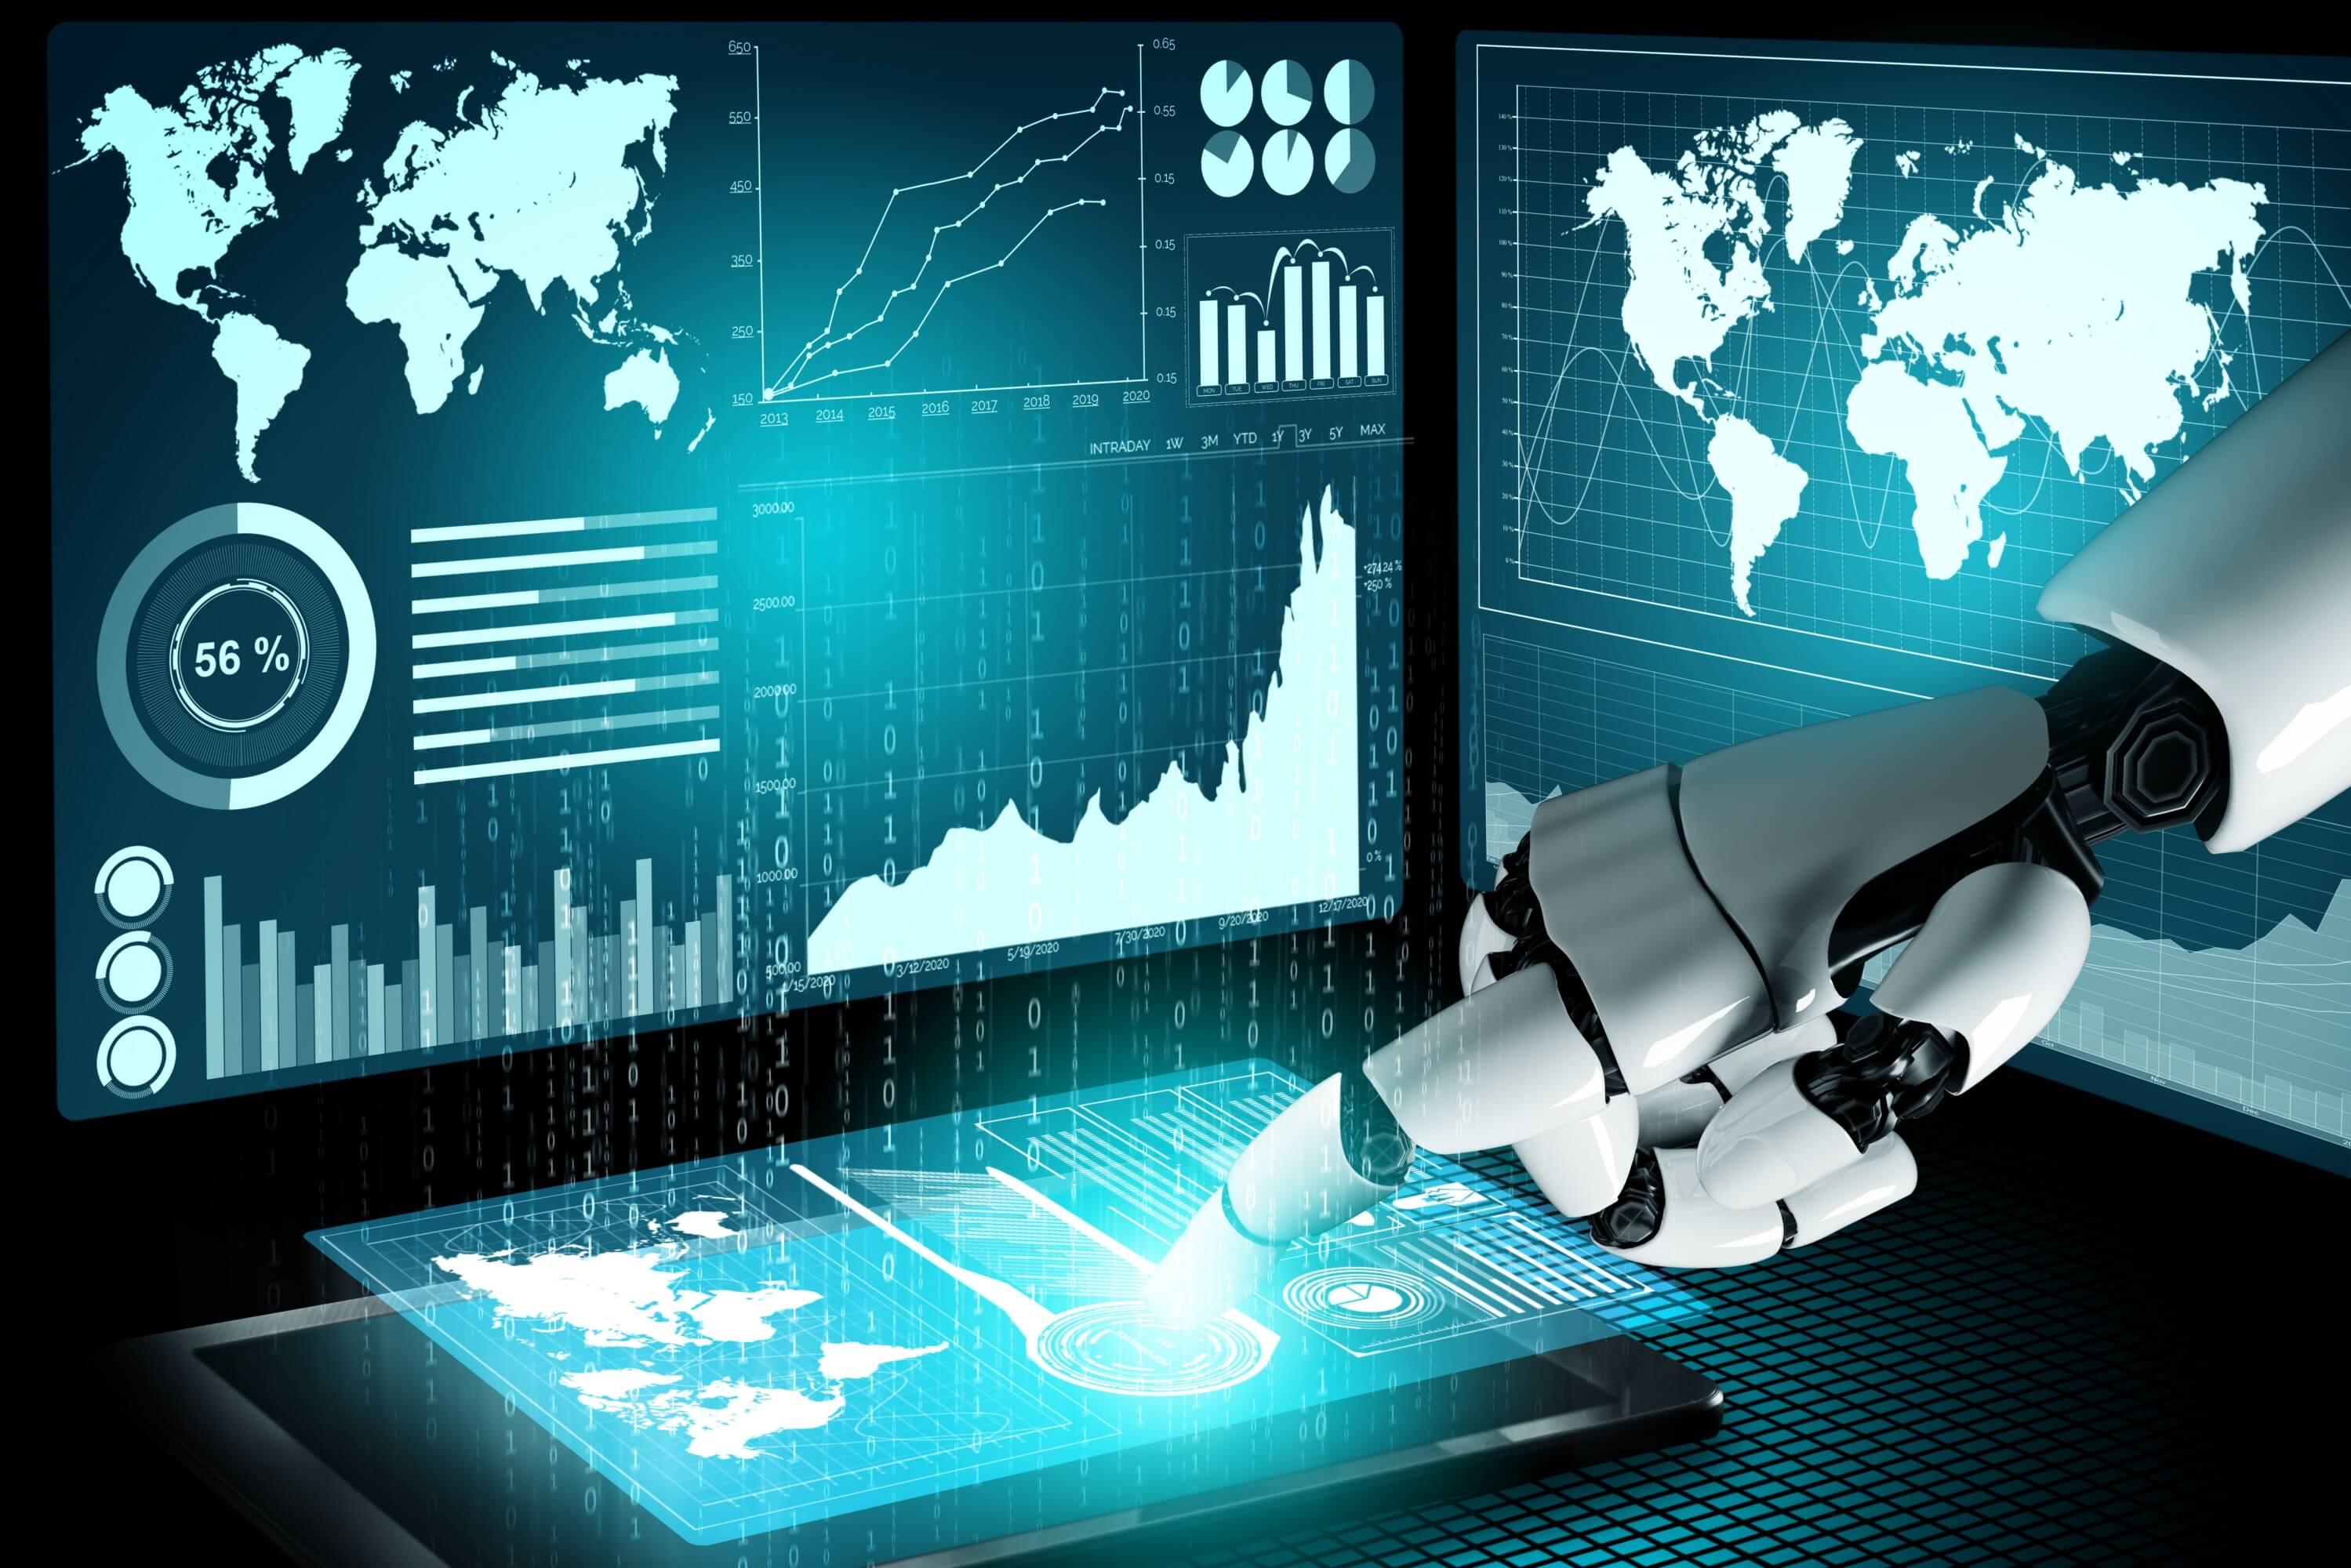 Como Machine Learning e IA podem ajudar o marketing de sua empresa a ser mais data-driven